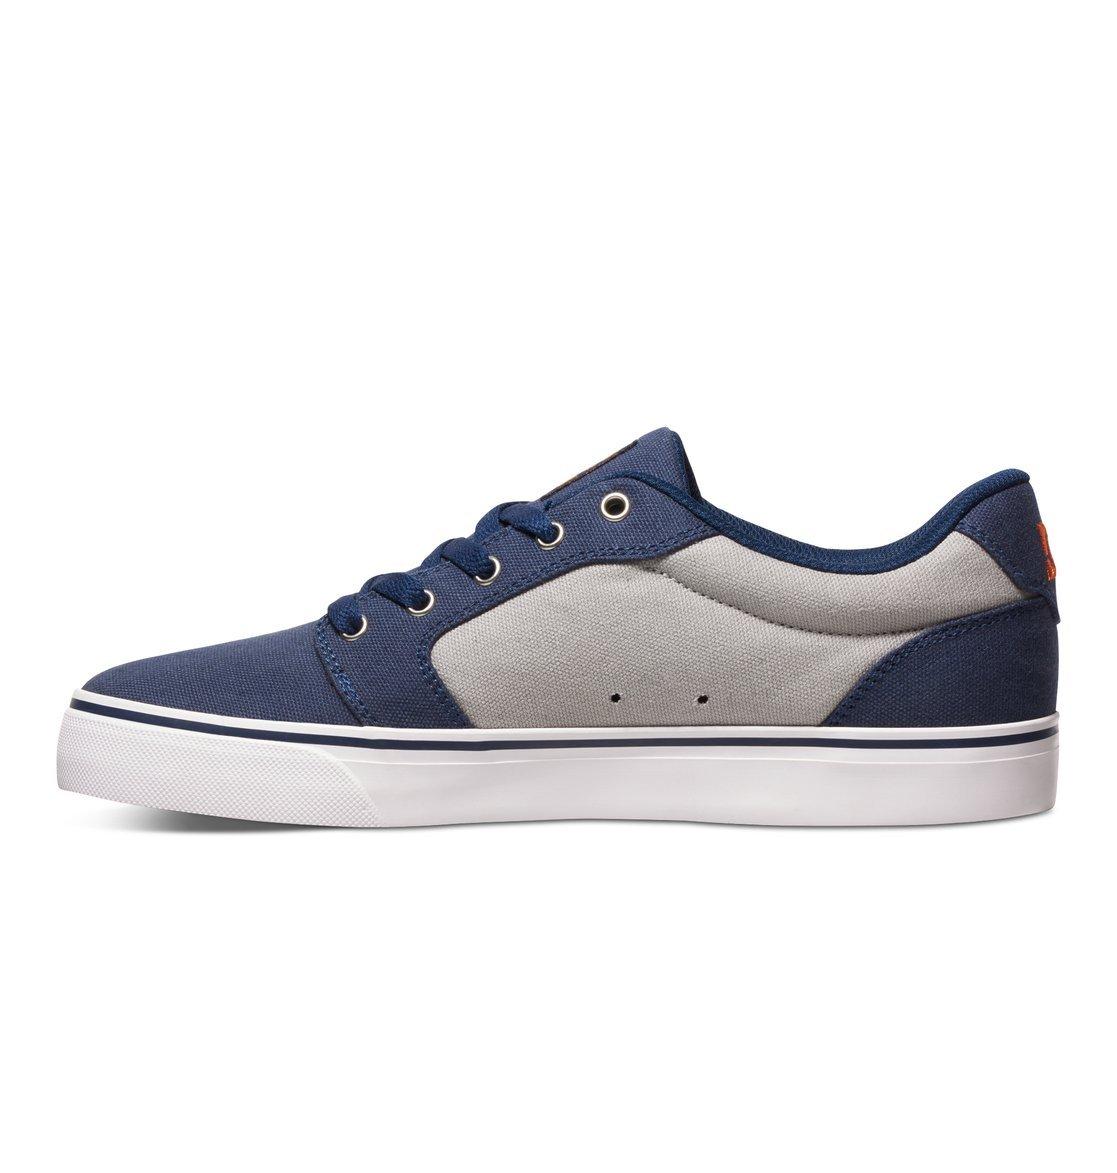 DC Shoes Mens Shoes Anvil Tx US 6 Men Blue Navy//Orange US 6 // UK 5 // EU 38 Low-Top Shoes